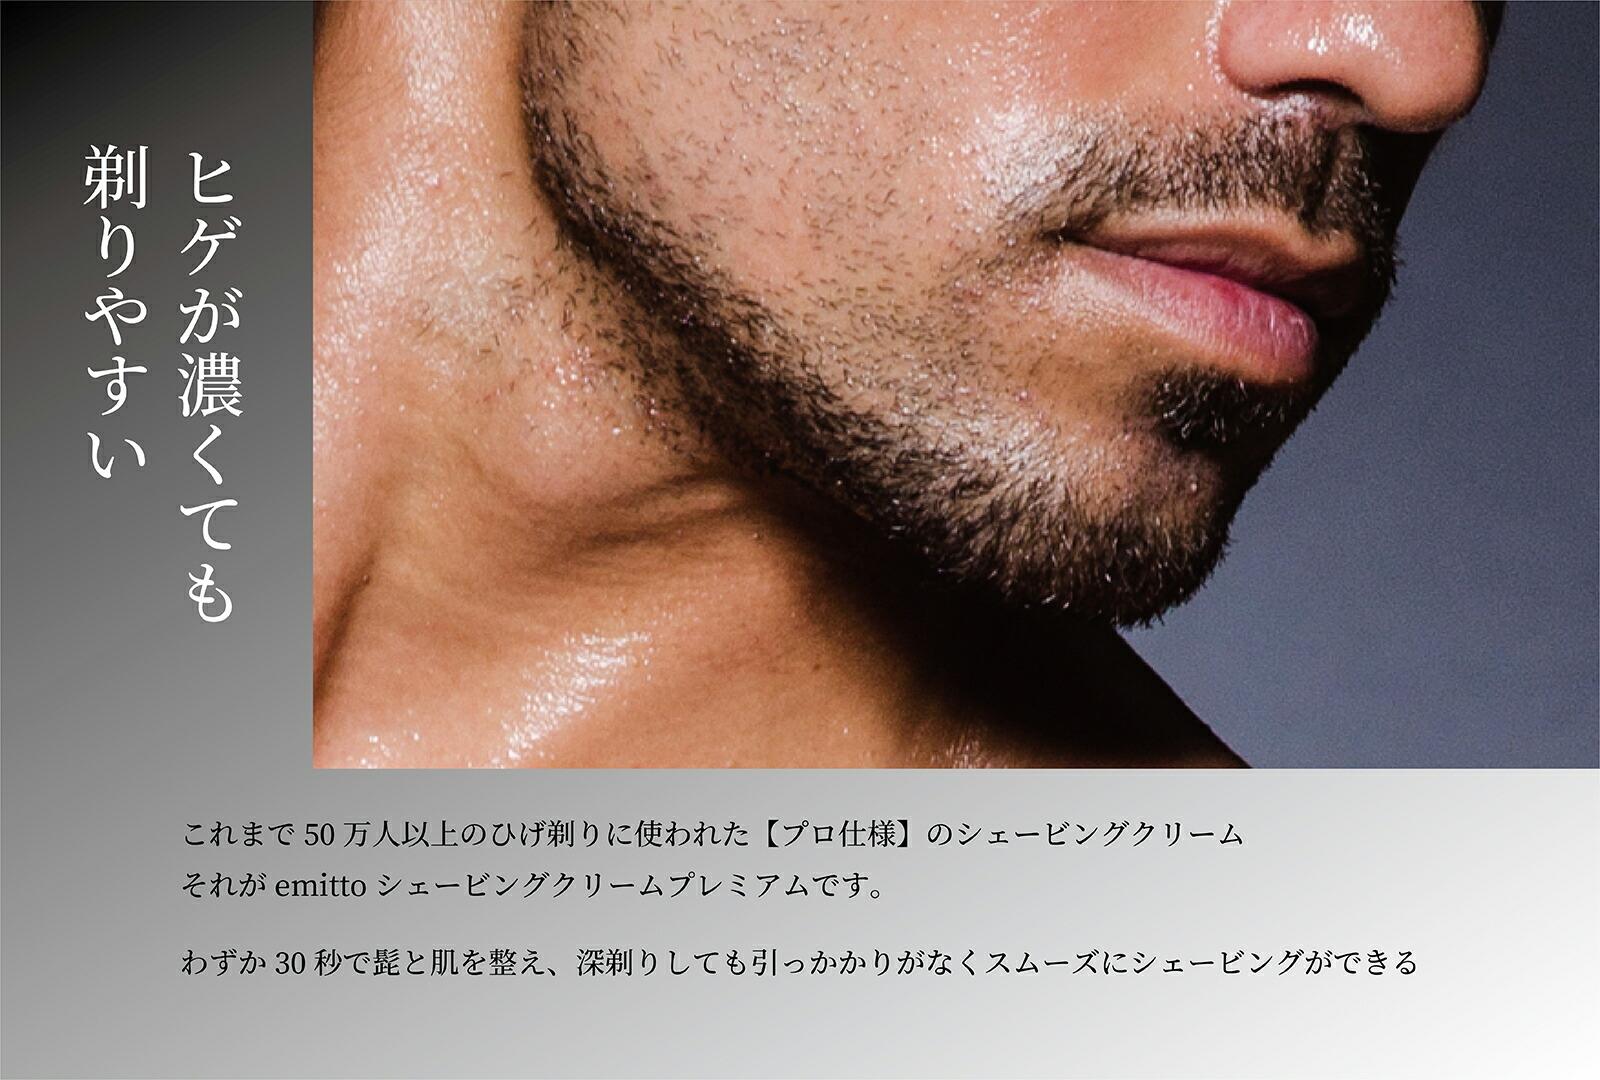 髭 剃り 剃り できる 深